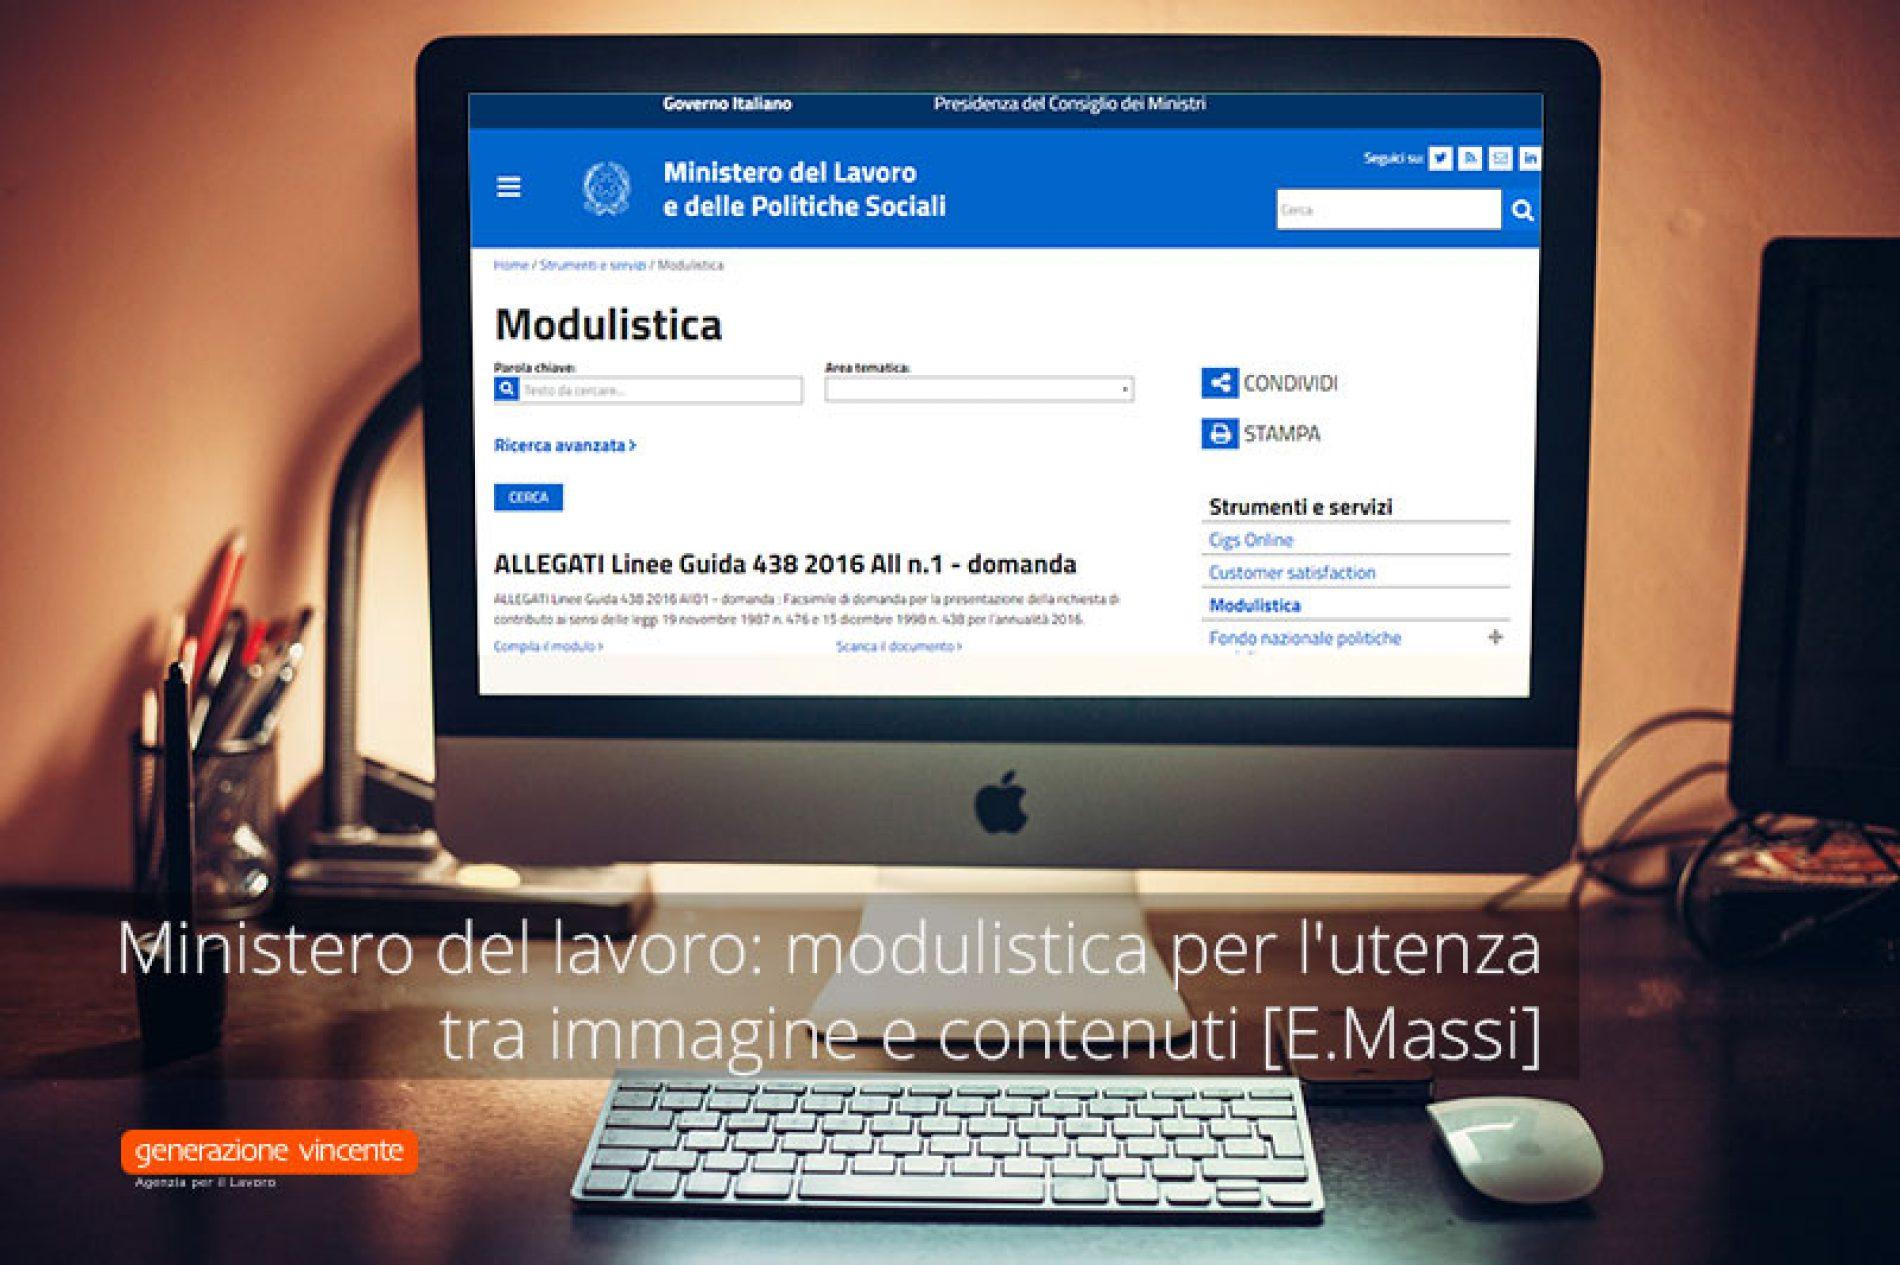 Ministero del lavoro: modulistica per l'utenza tra immagine e contenuti [E.Massi]